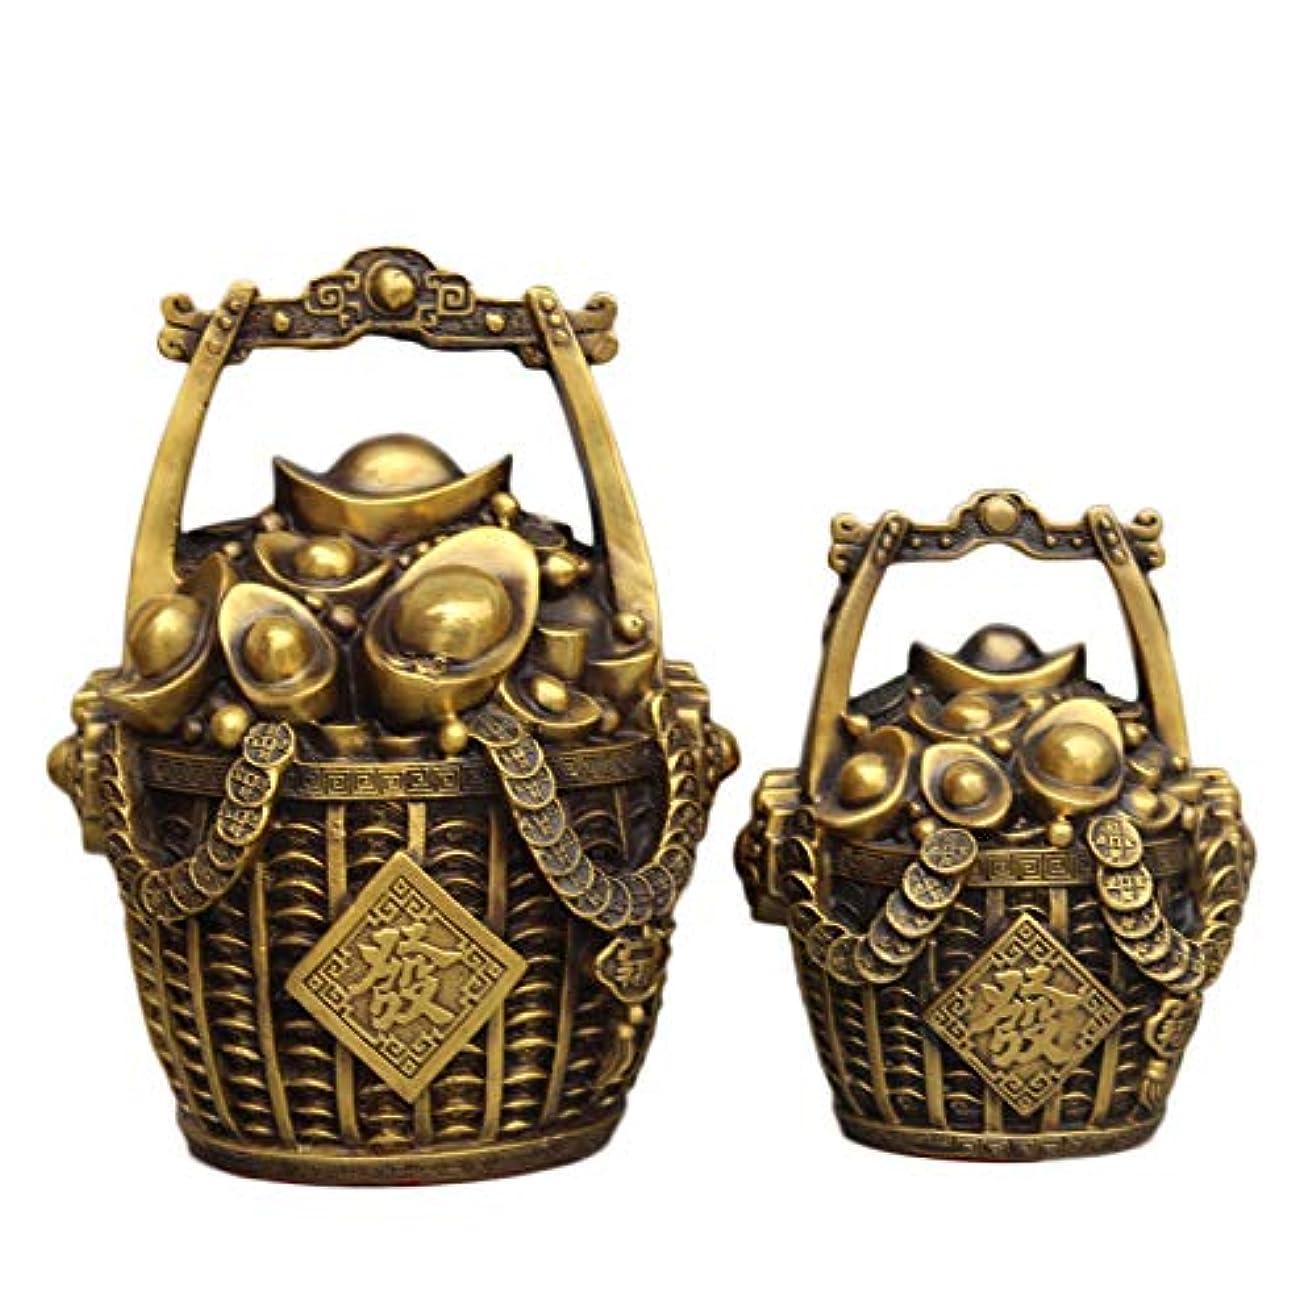 換気ロマンチックうん老君炉 金の装飾品の純粋な銅製のバケツお金インゴット貯金箱おめでとうございます富の家の装飾工芸品装飾ブロンズ